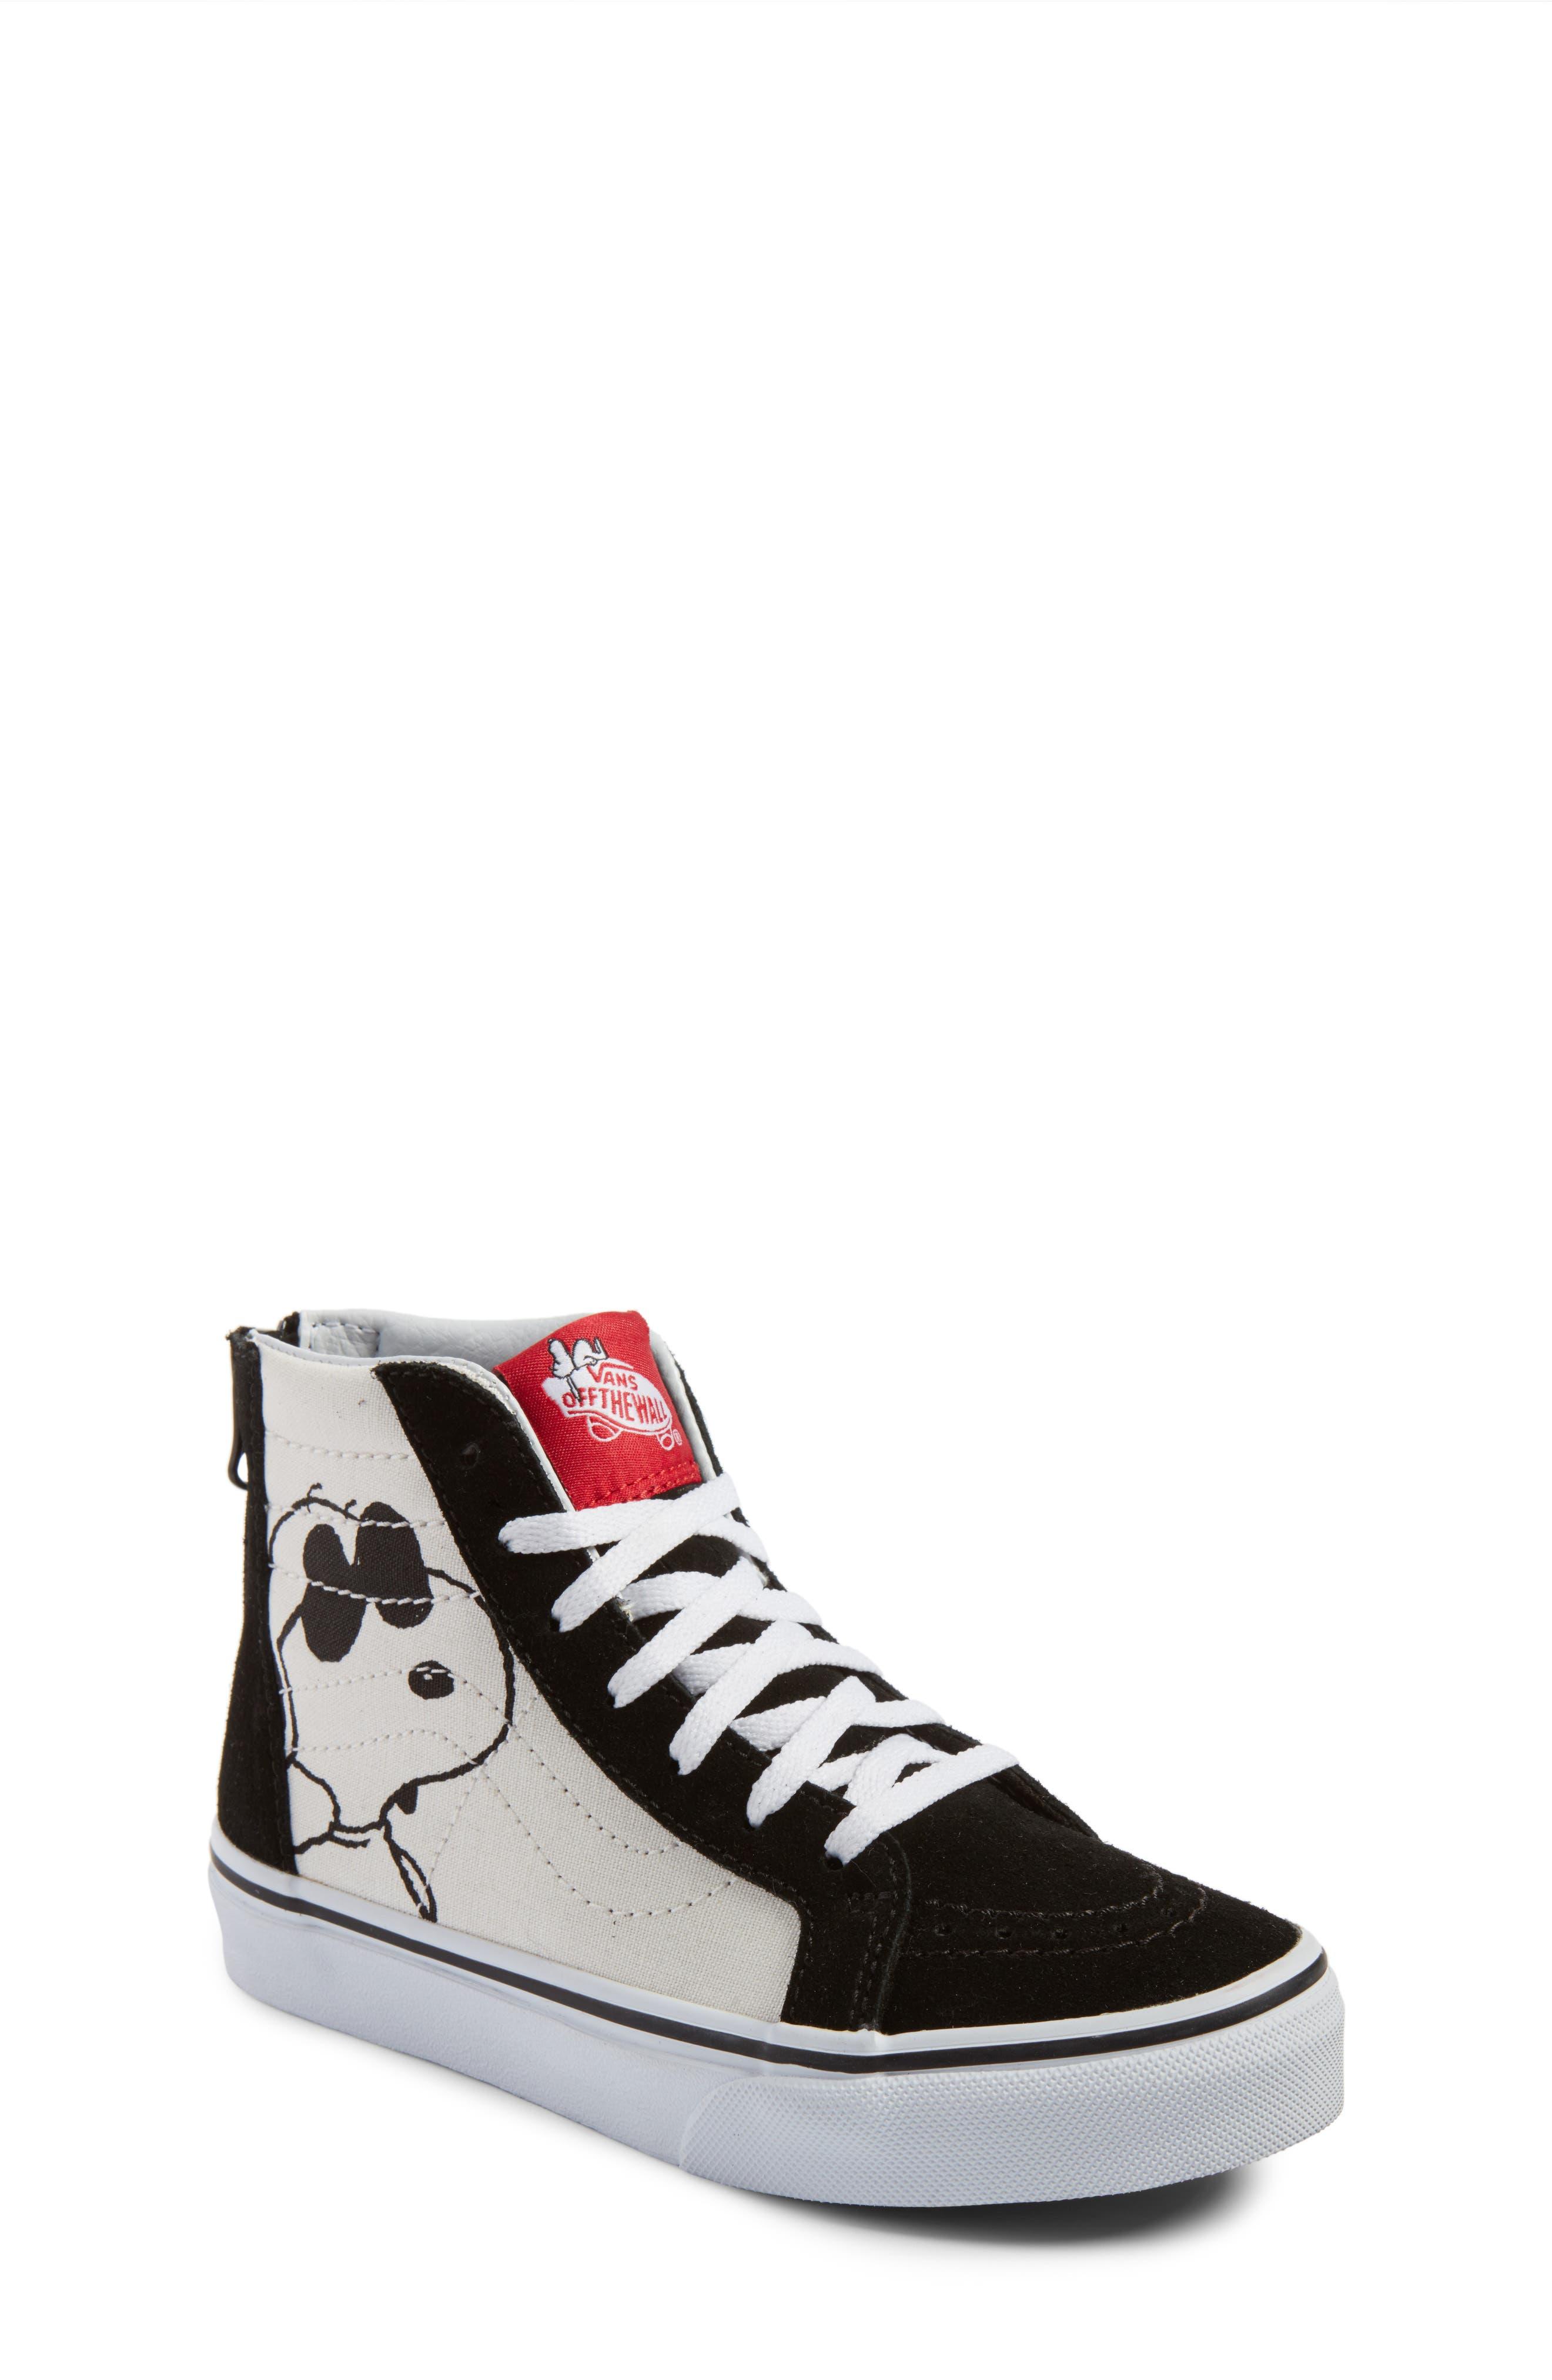 x Peanuts SK8-Hi Sneaker,                             Main thumbnail 1, color,                             001